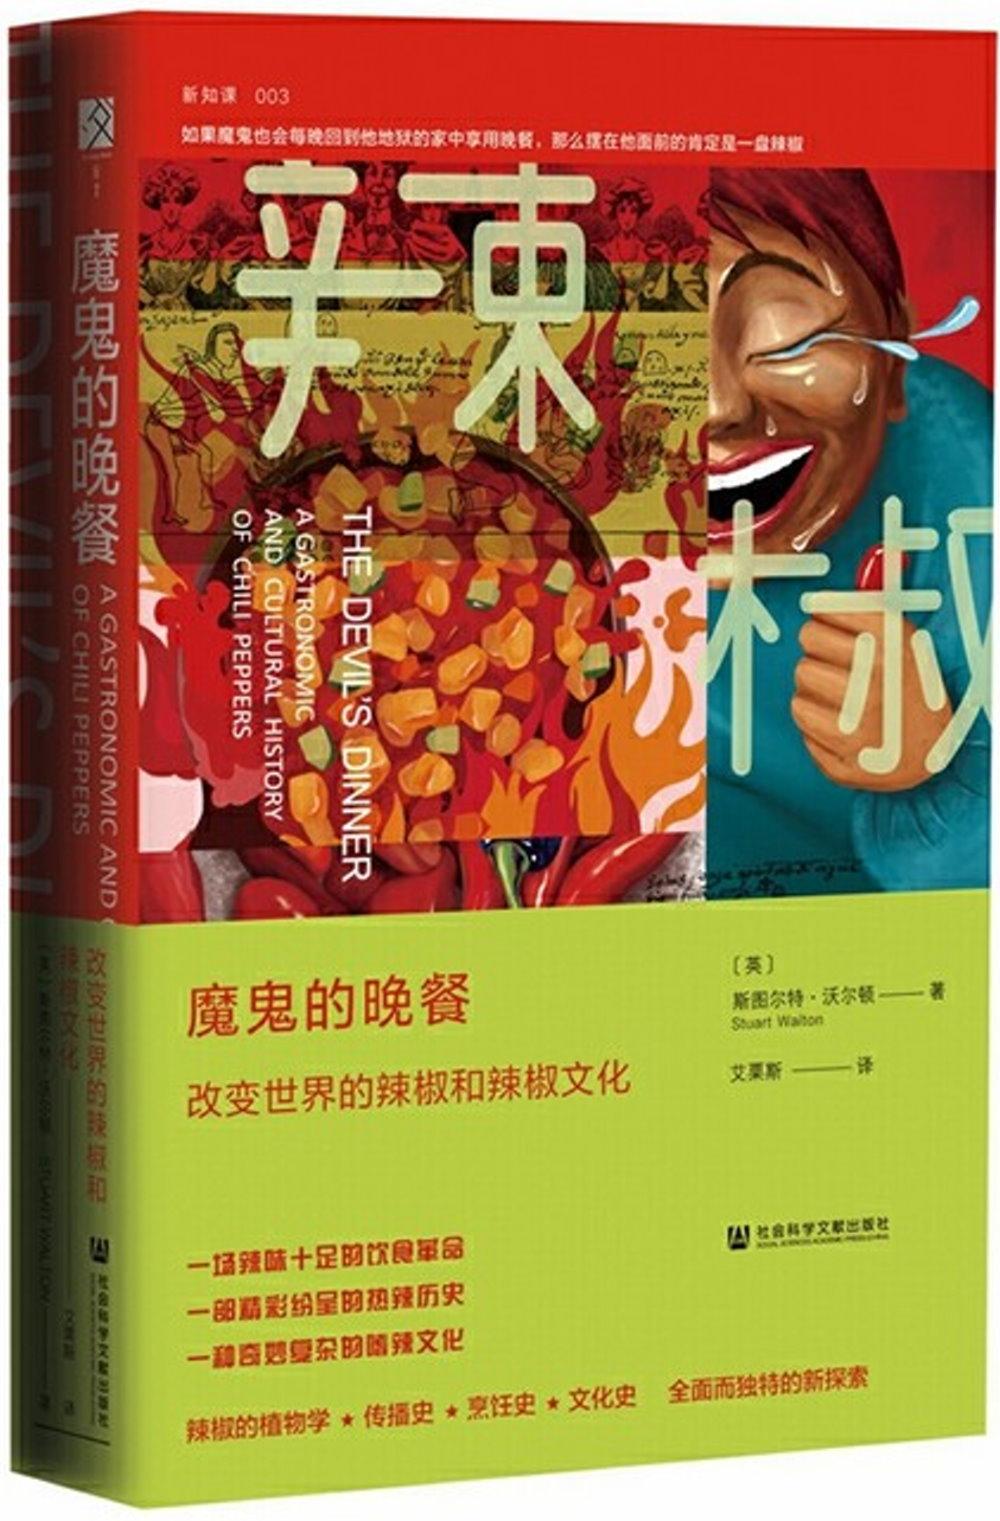 魔鬼的晚餐:改變世界的辣椒和辣椒文化